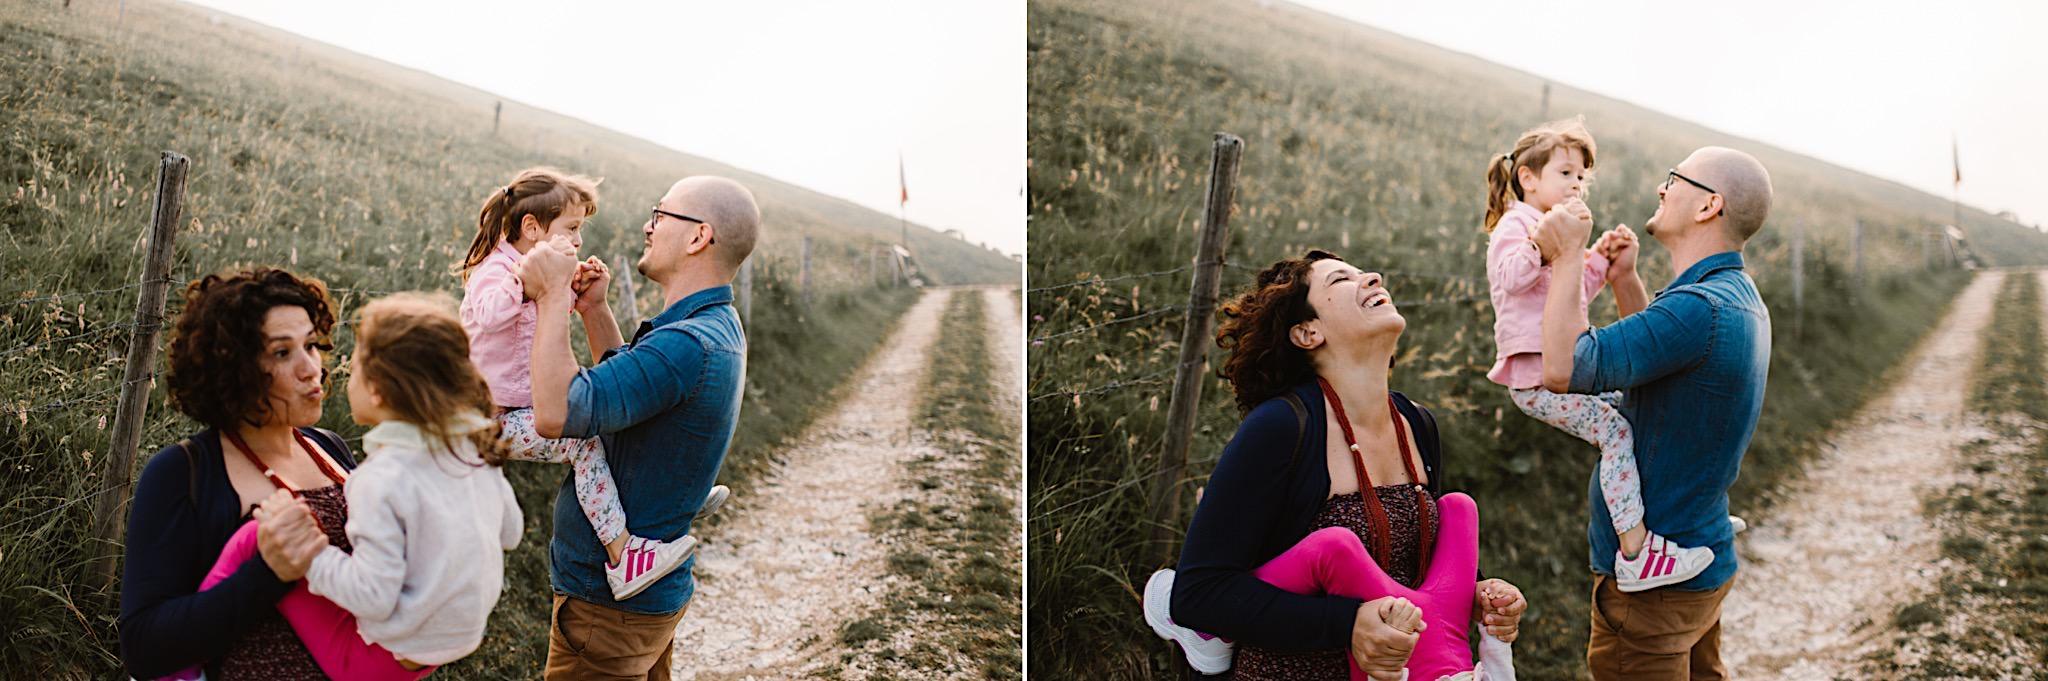 fotografo-matrimonio-originale-daniele-padovan-12